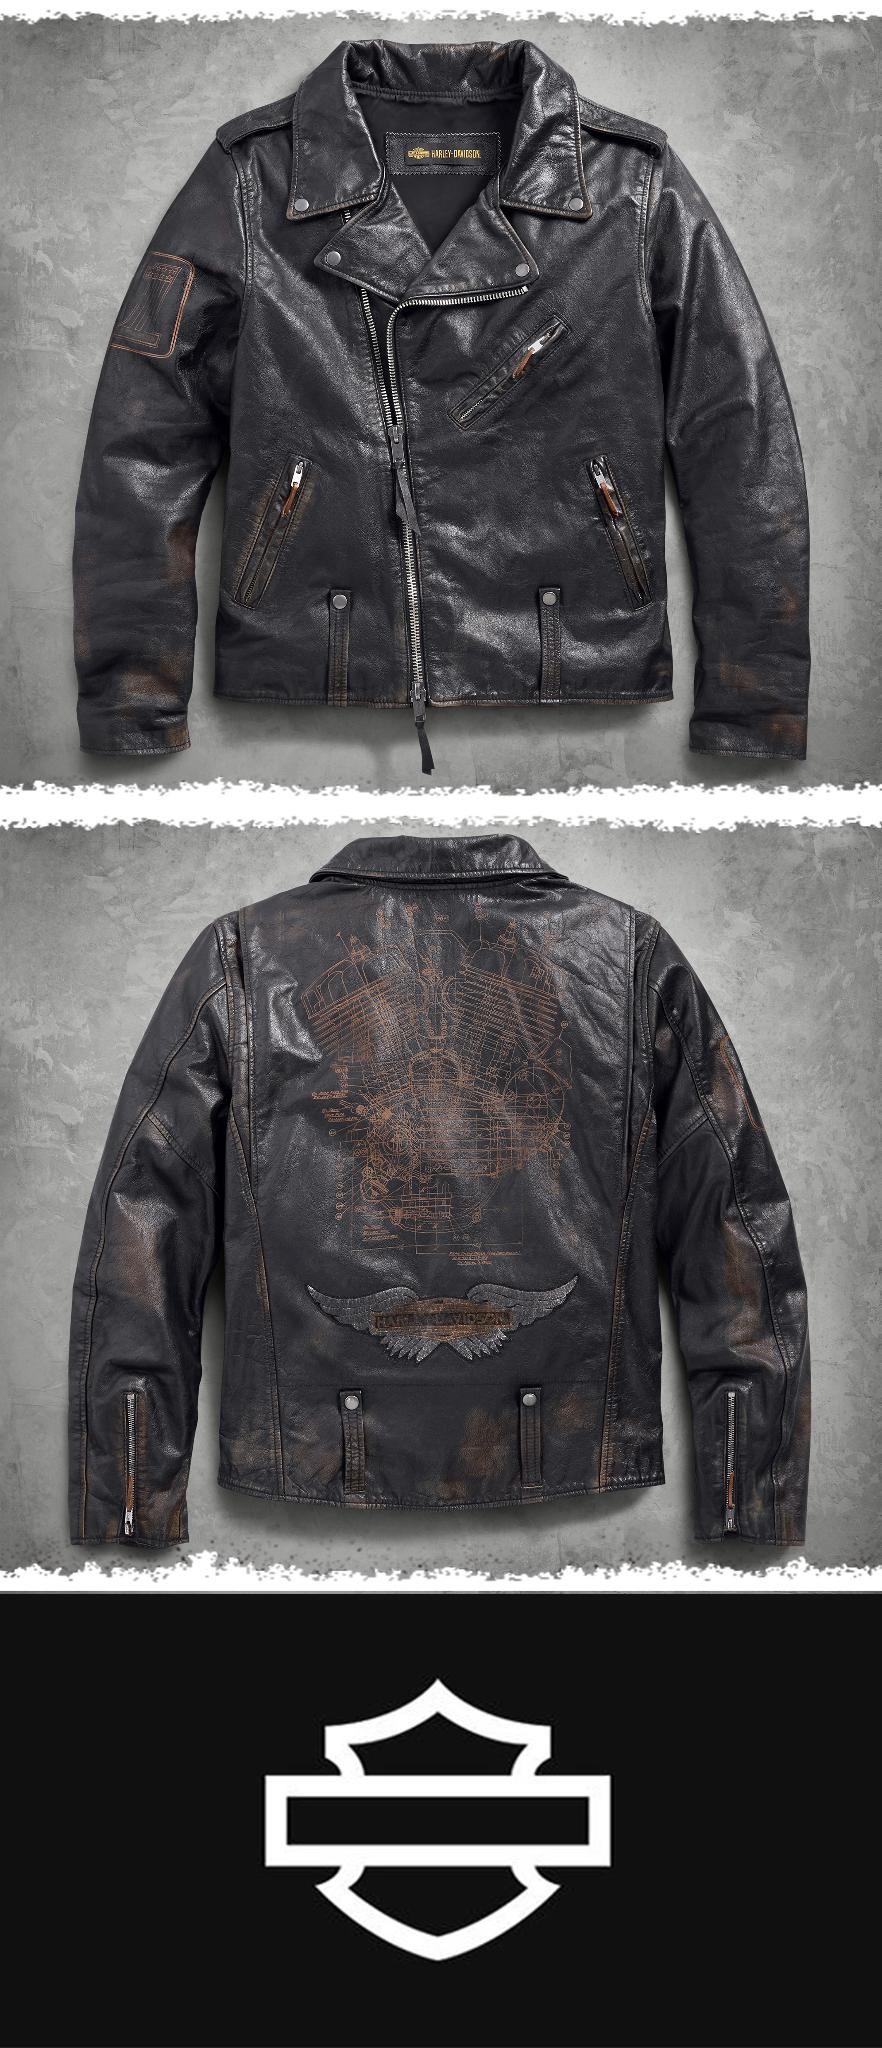 Master Distressed Leather Biker Jacket Harley Davidson